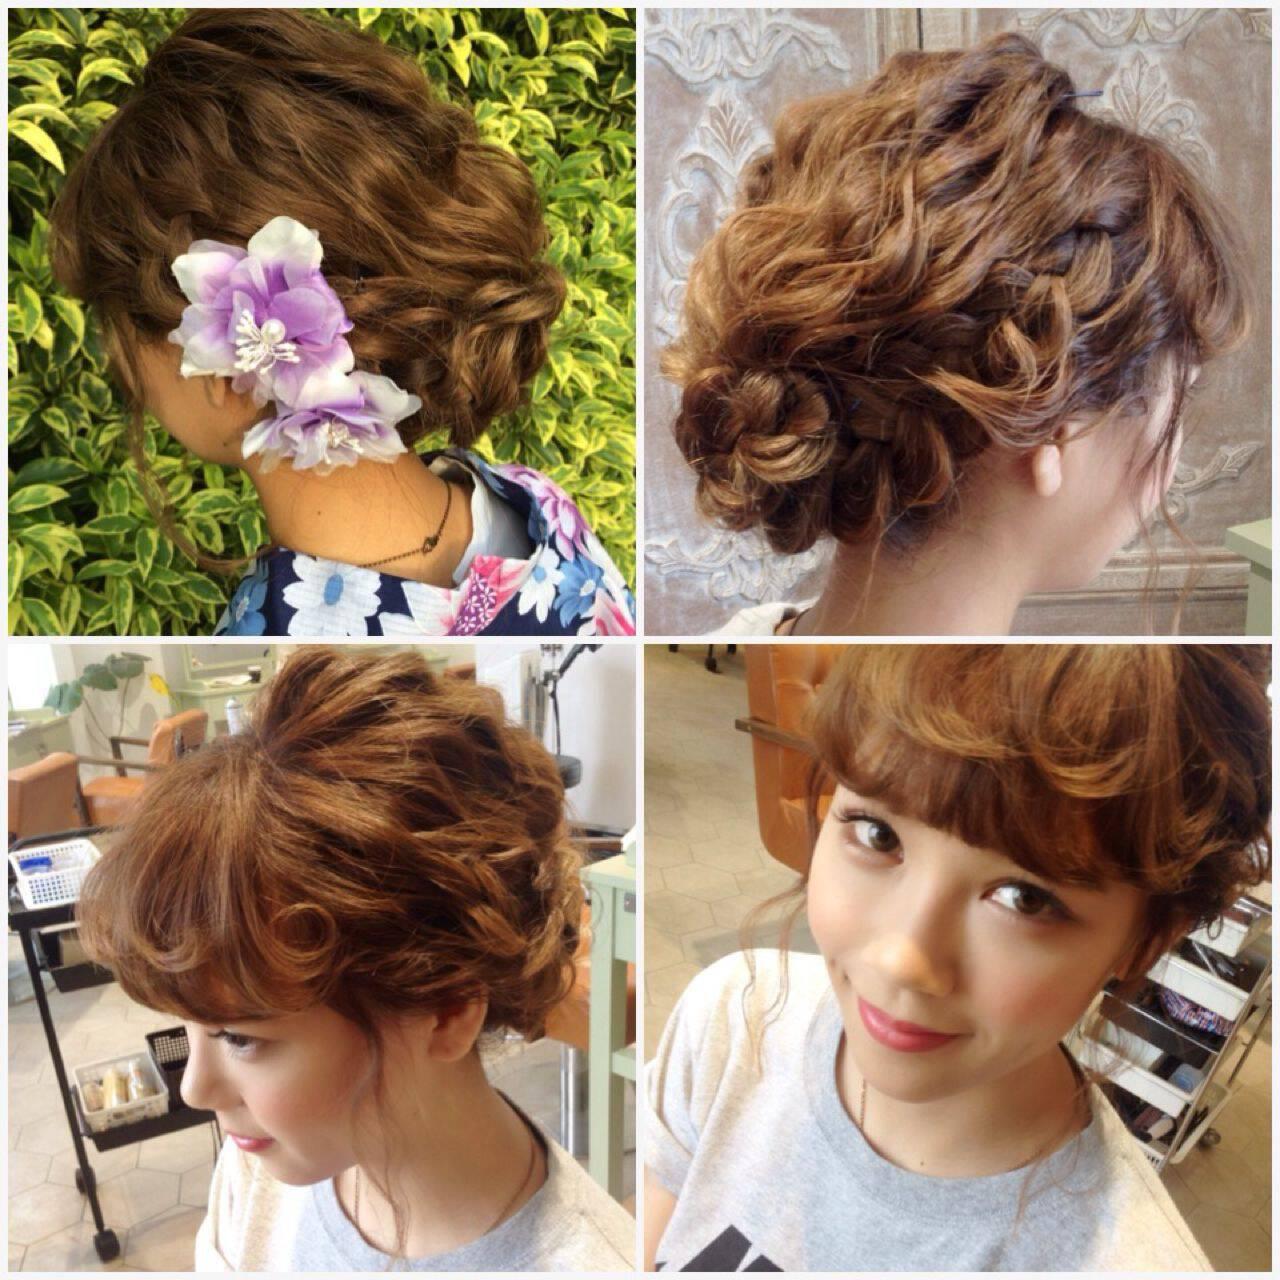 ナチュラル ゆるふわ 編み込み ヘアアレンジヘアスタイルや髪型の写真・画像